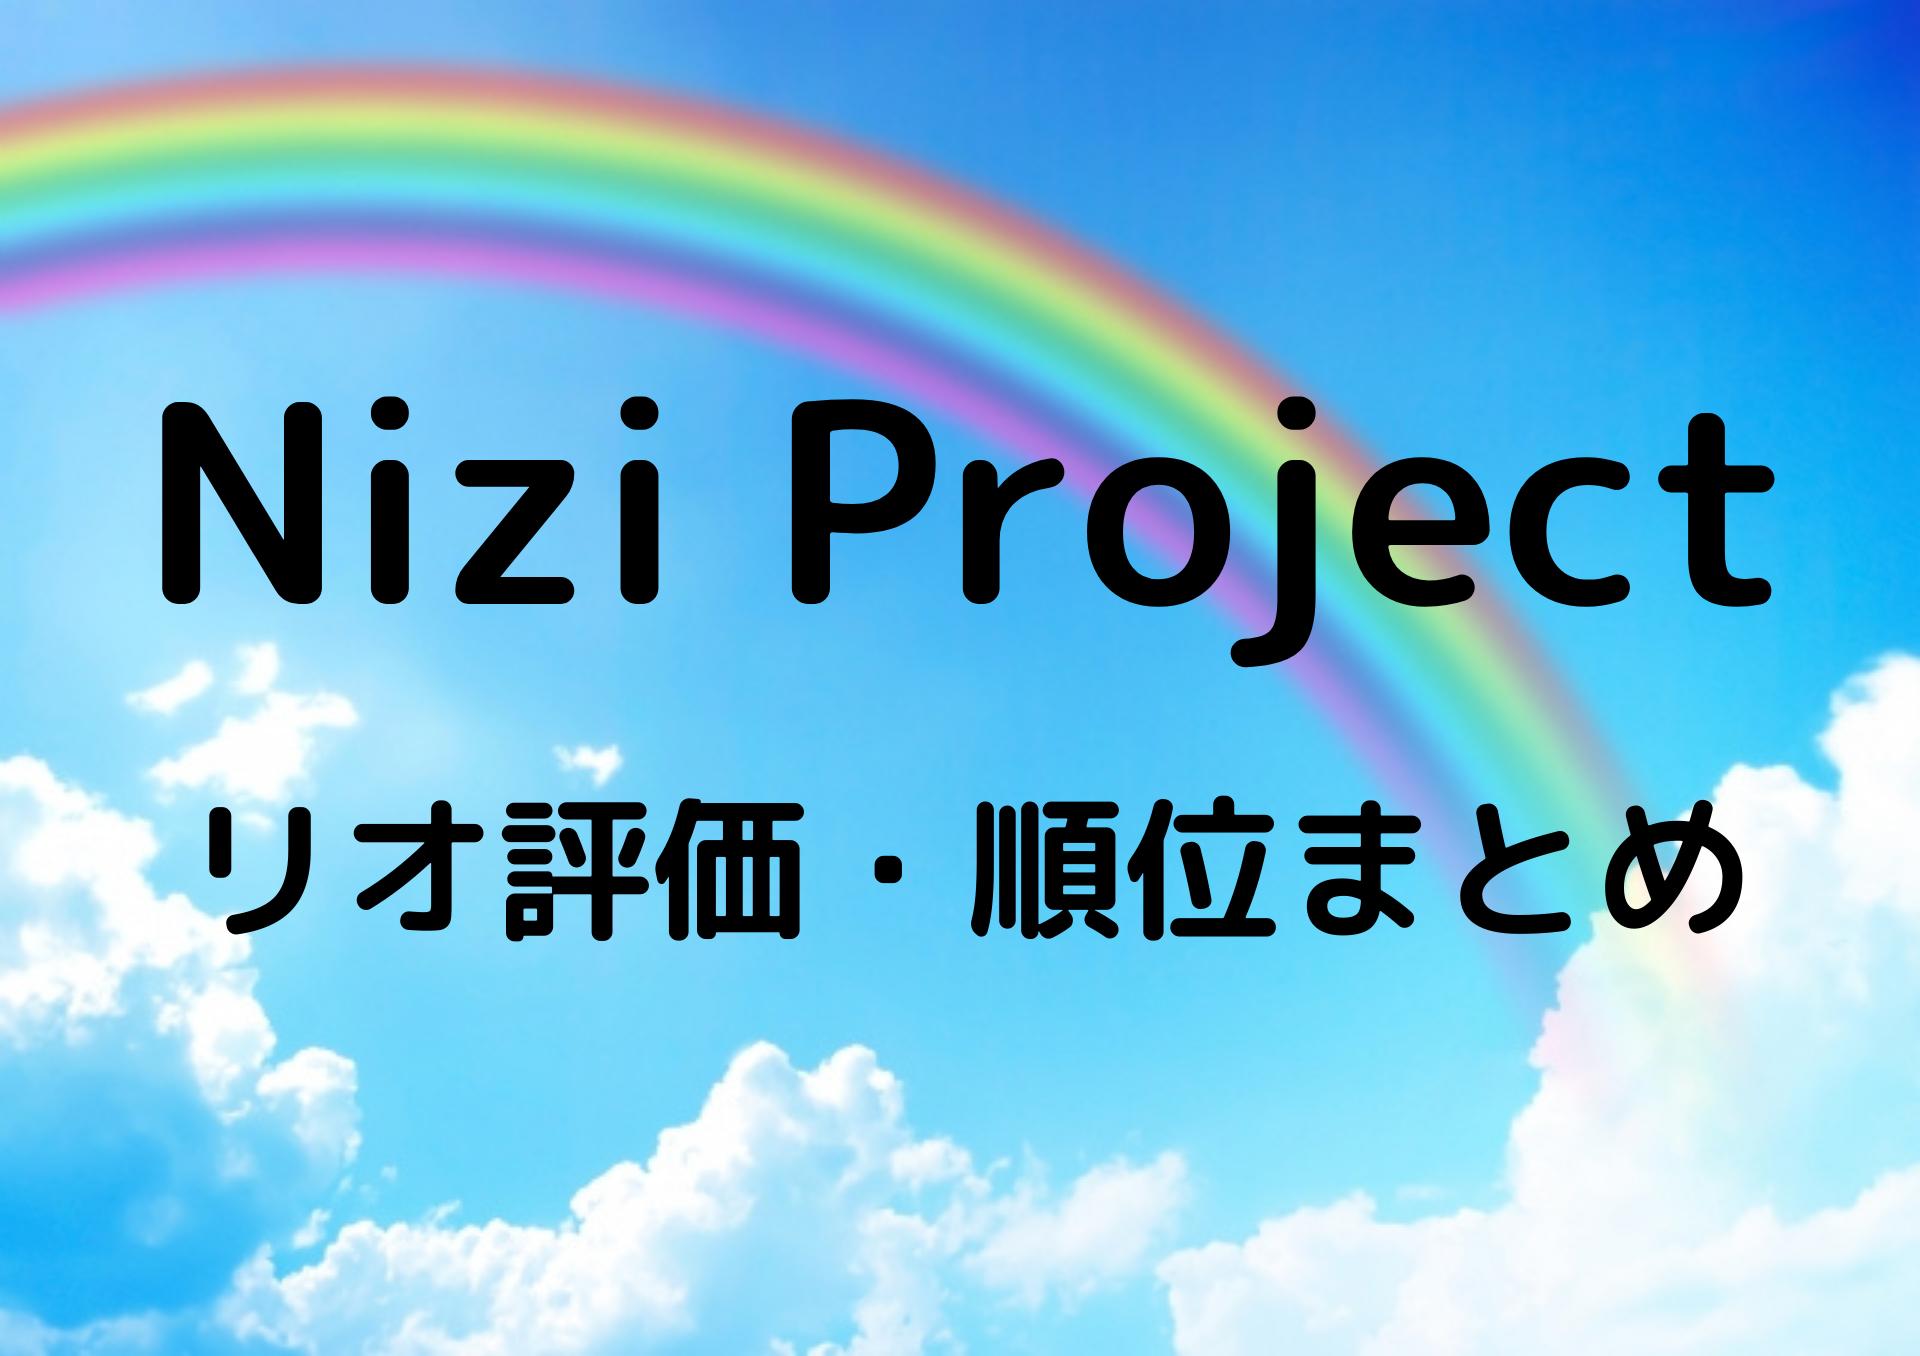 プロジェクト テスト 虹 個人 順位 レベル